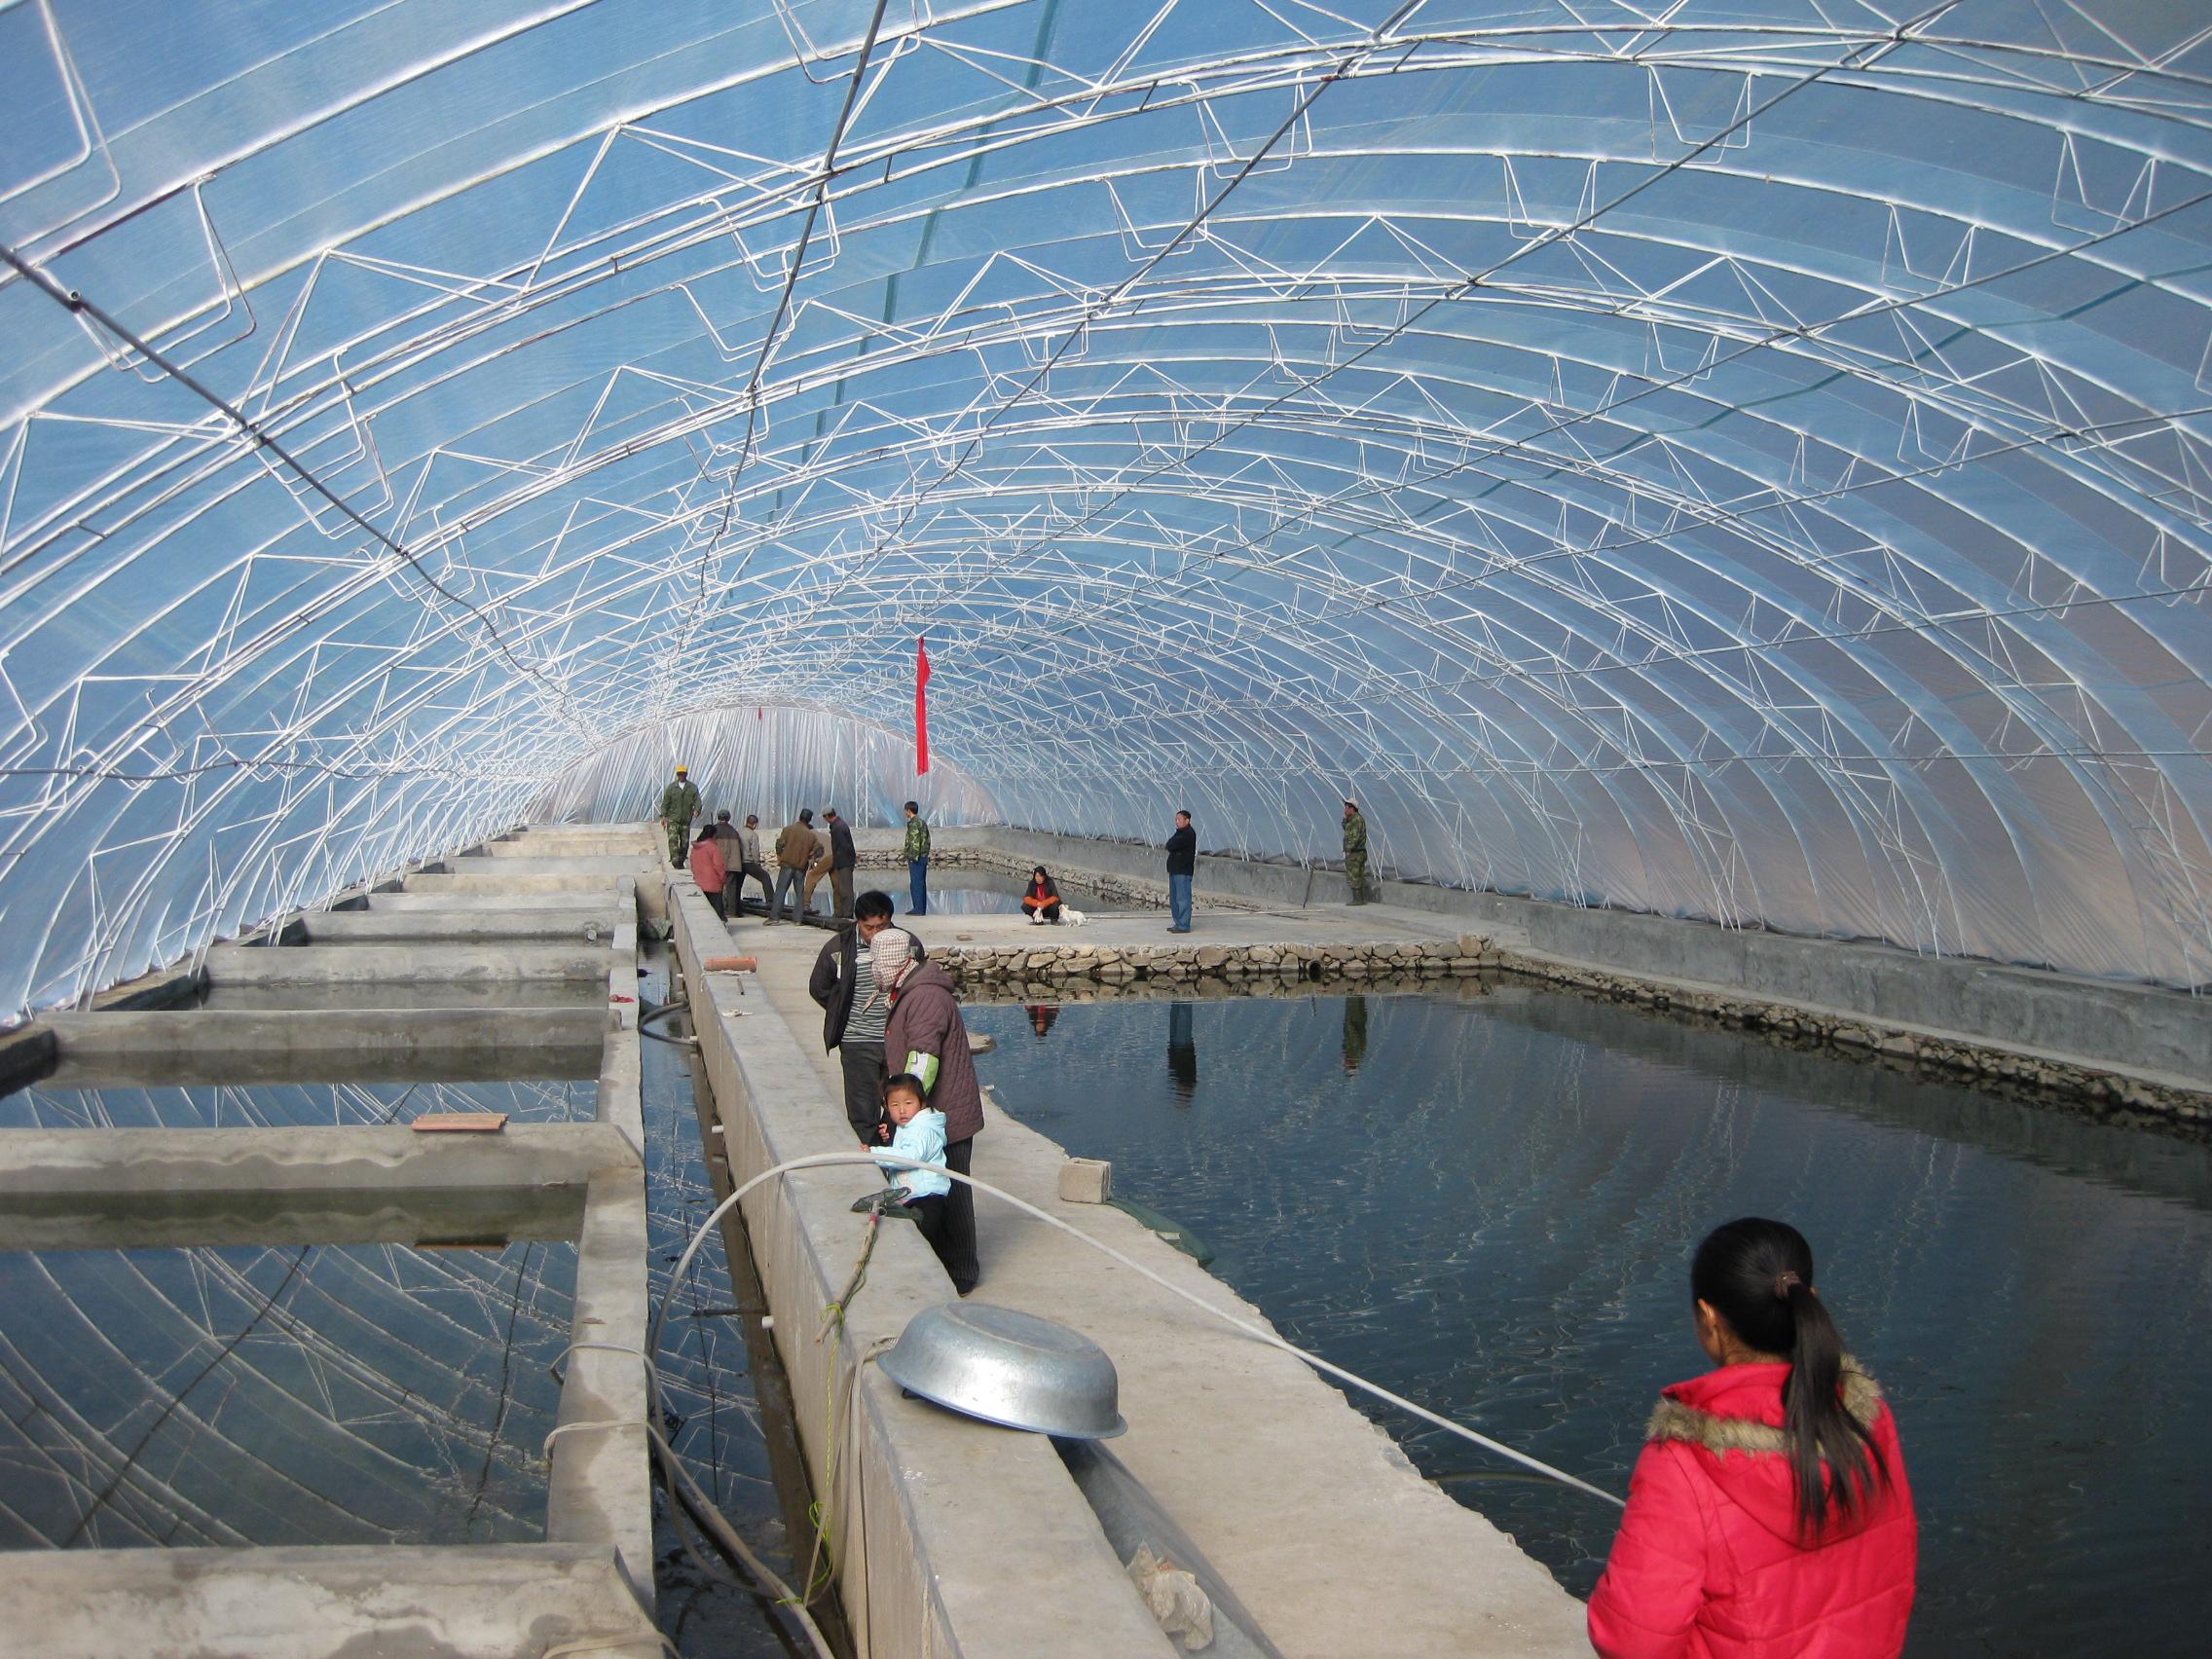 温室大棚膜_高老师塑料大棚六年更换一次棚膜、新型温室设计图纸,适合农业